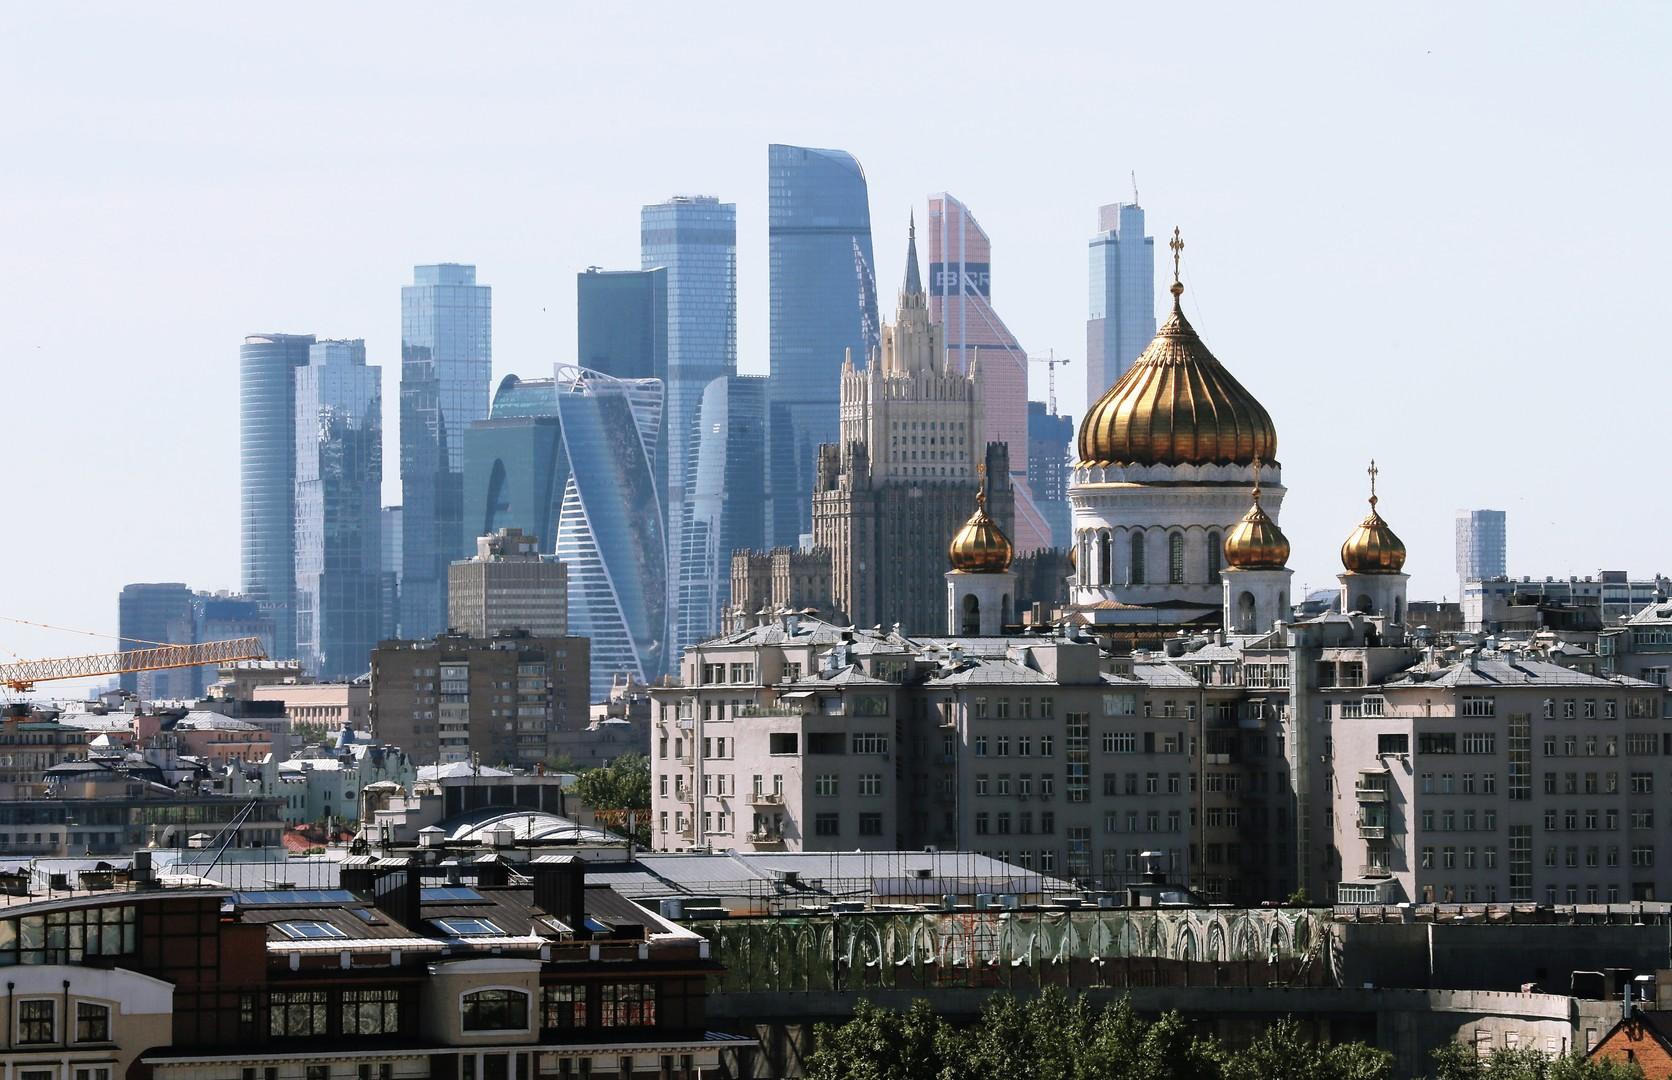 ما هي عاصمة روسيا معلومات مدهشة عن المدينة الساحرة